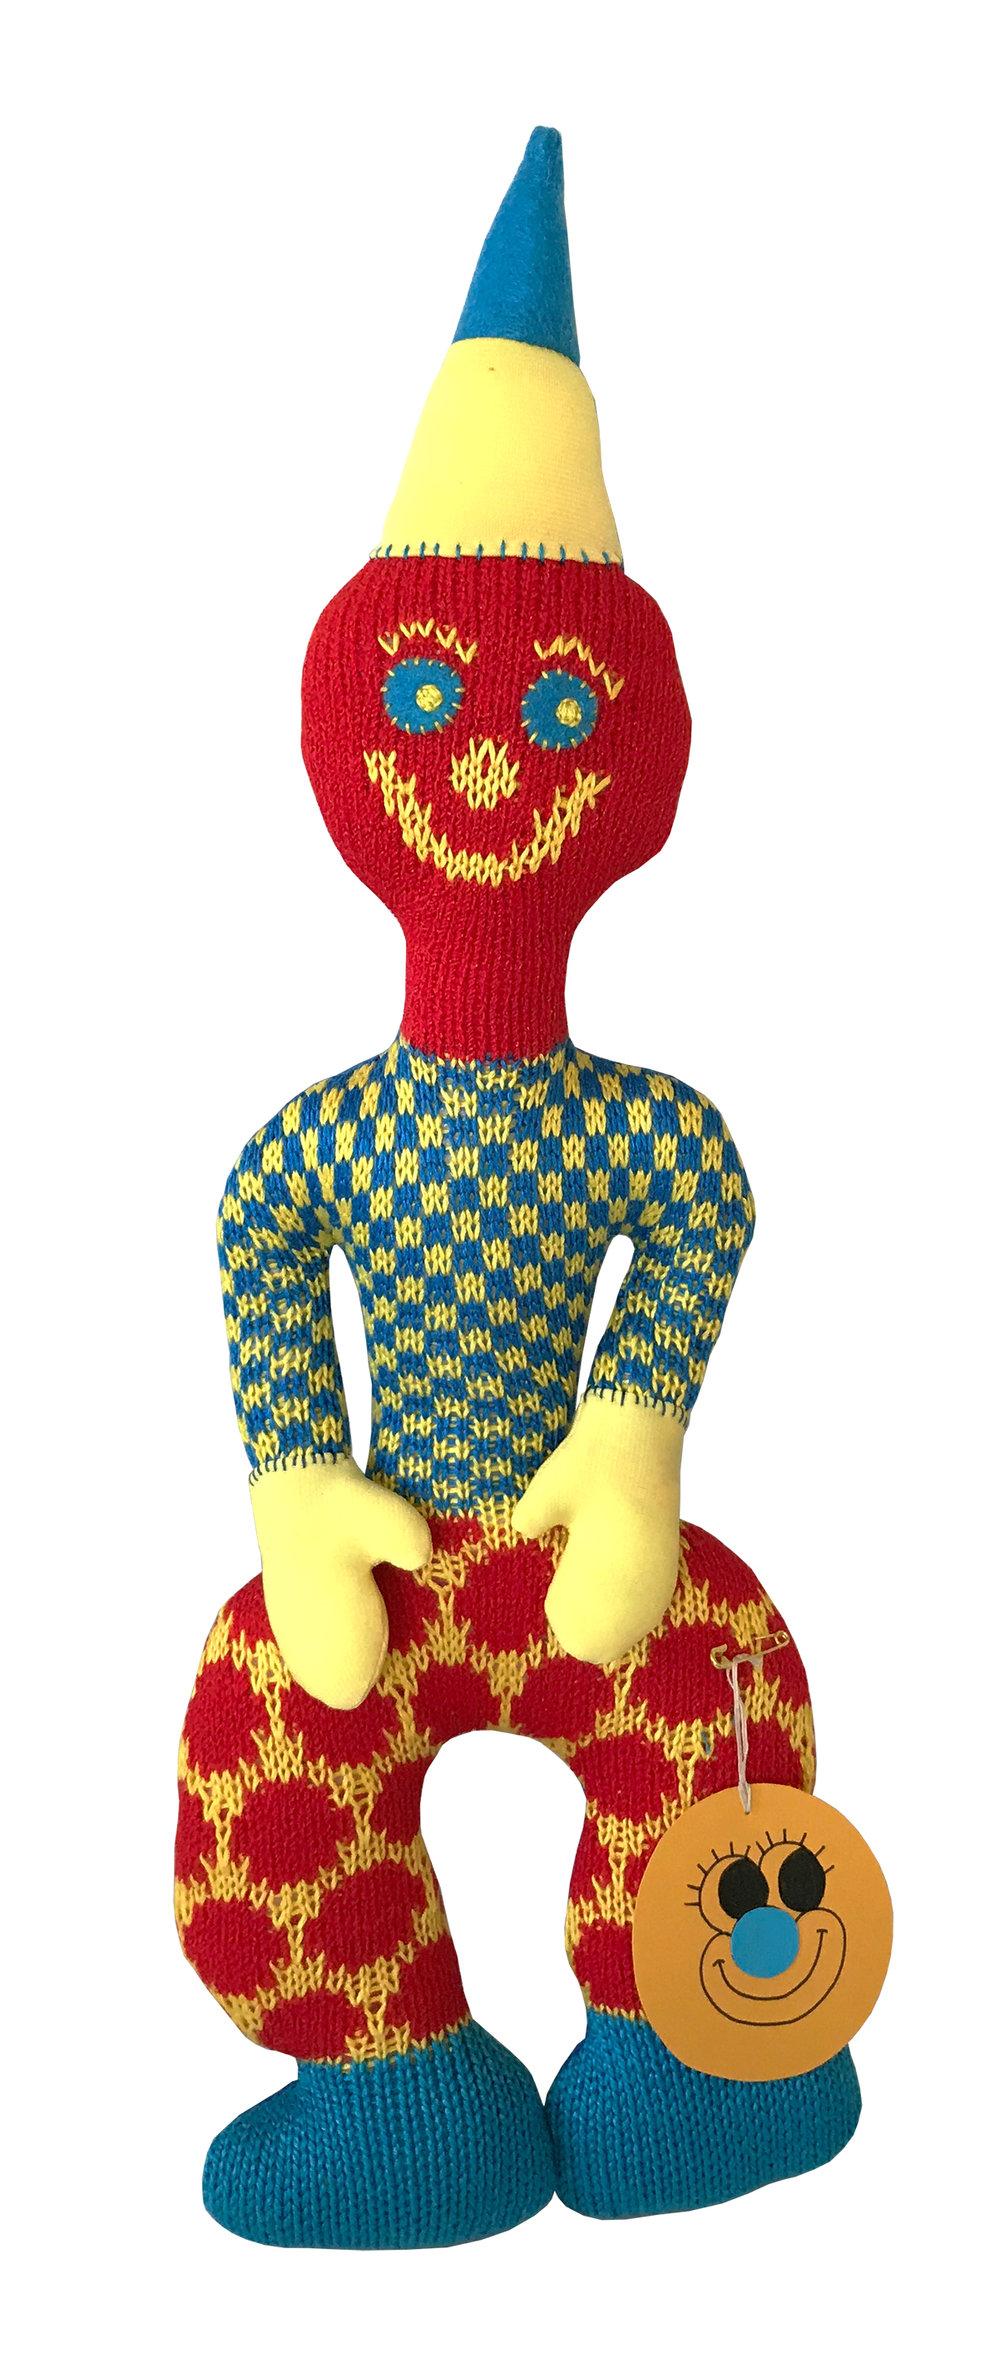 clown9.jpg